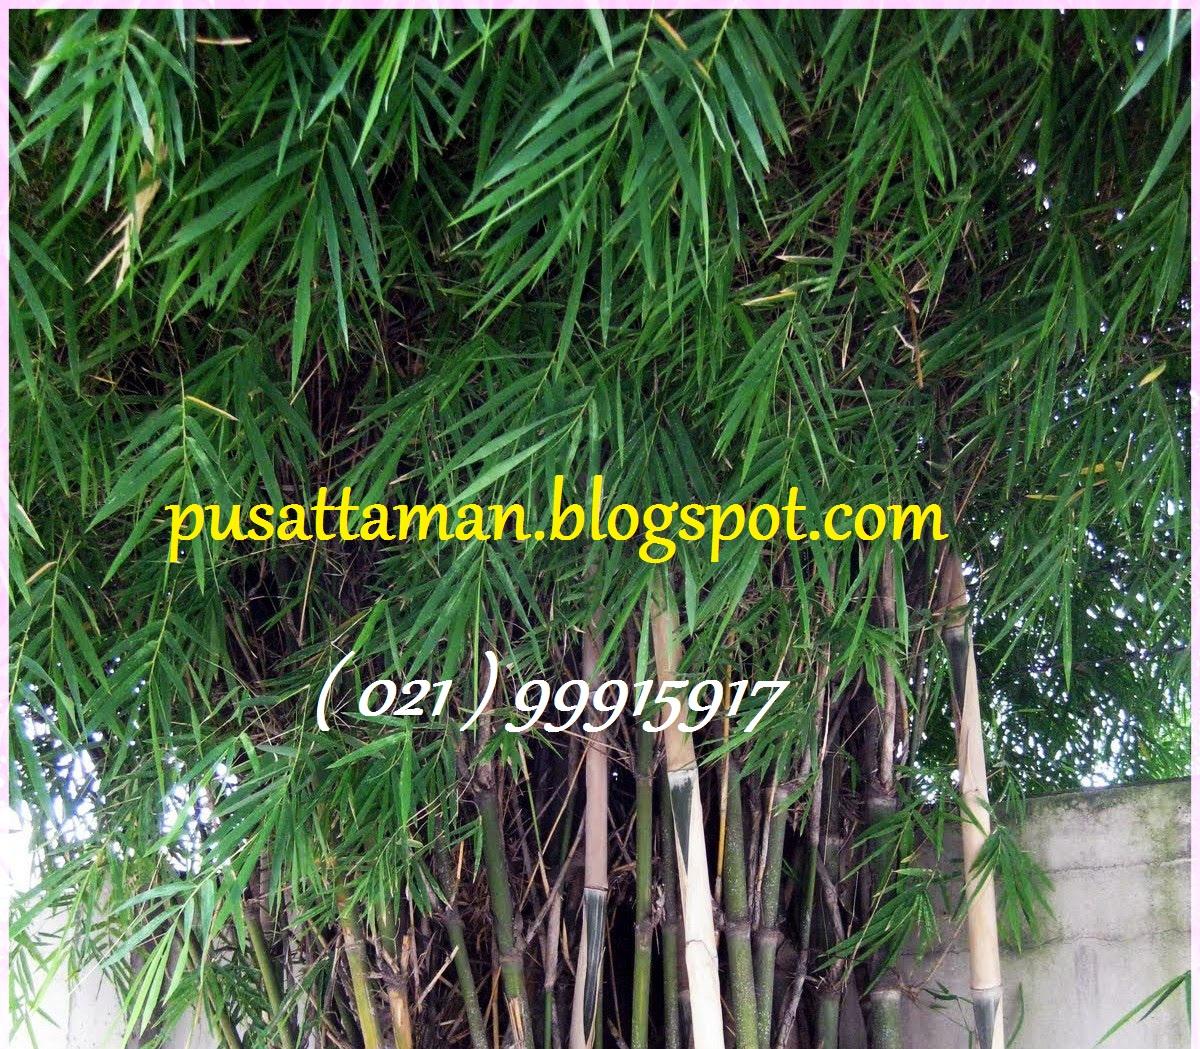 Jual Pohon Bambu Cina, Bambu Jepang, Bambu Kuning & Bambu Air ...